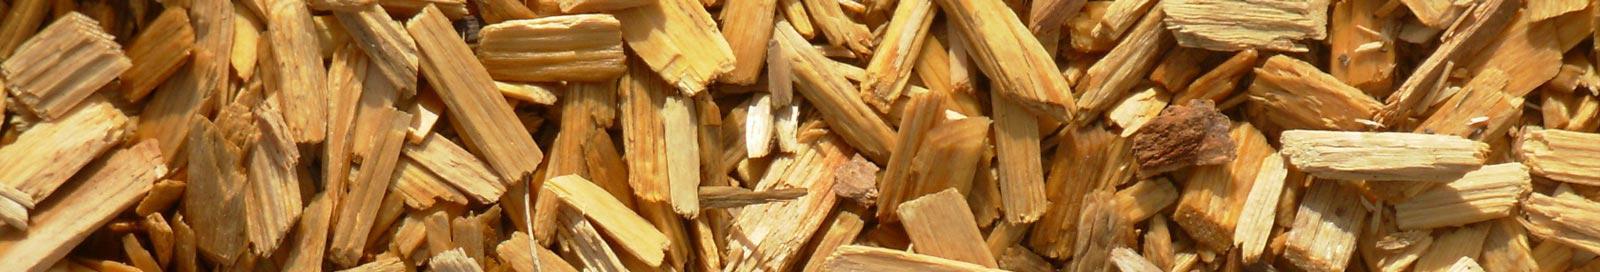 wood-chips1_narrow